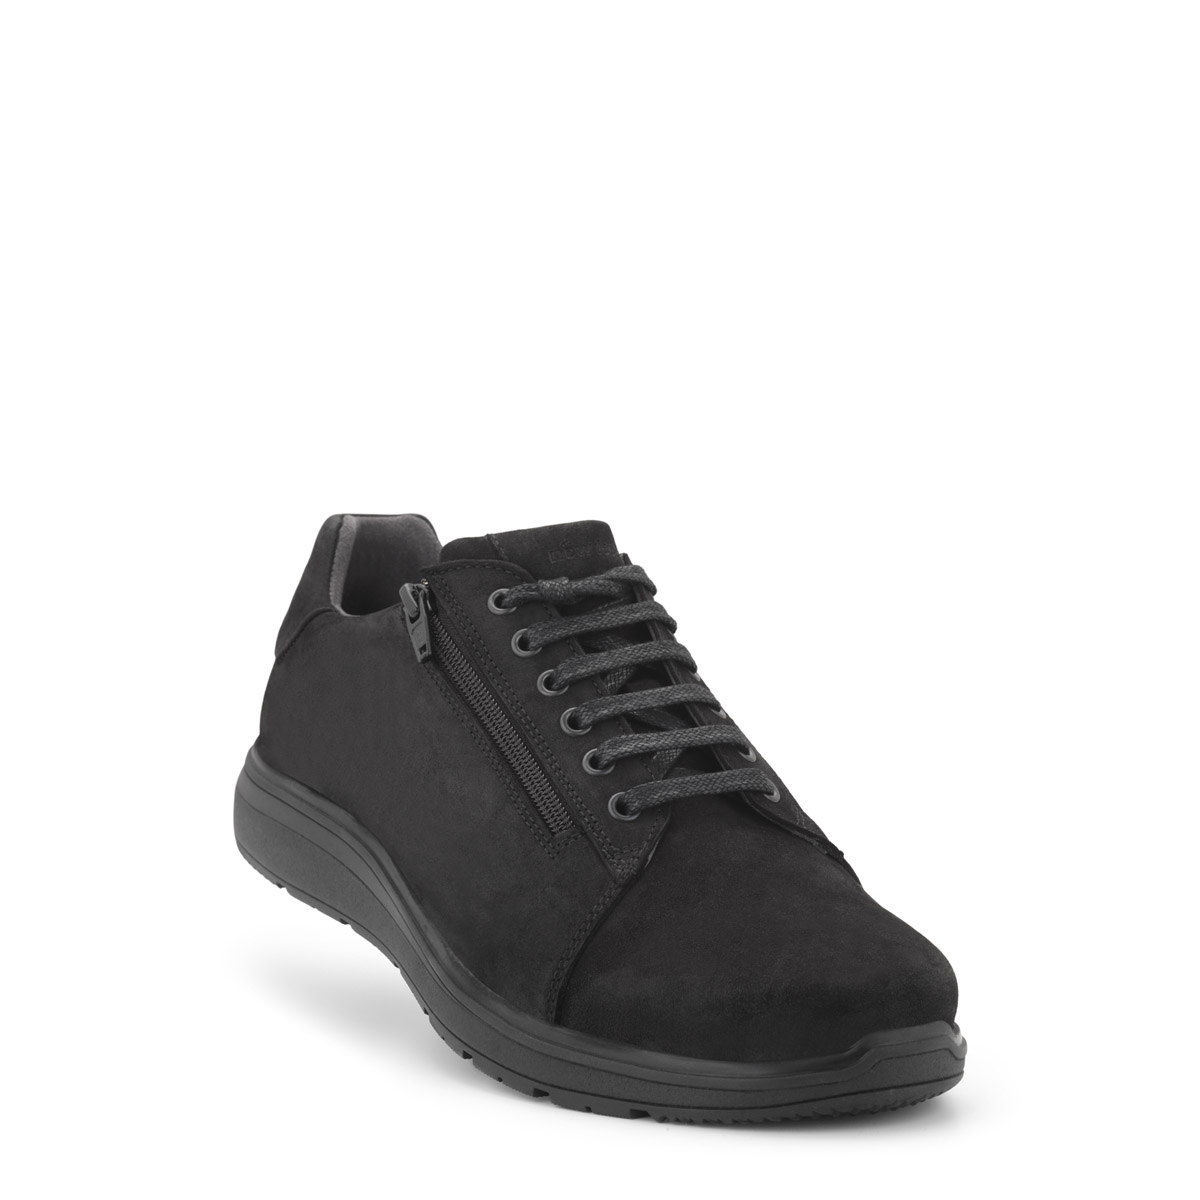 New Feet Herresko med snørre Sort Herre skostøvler